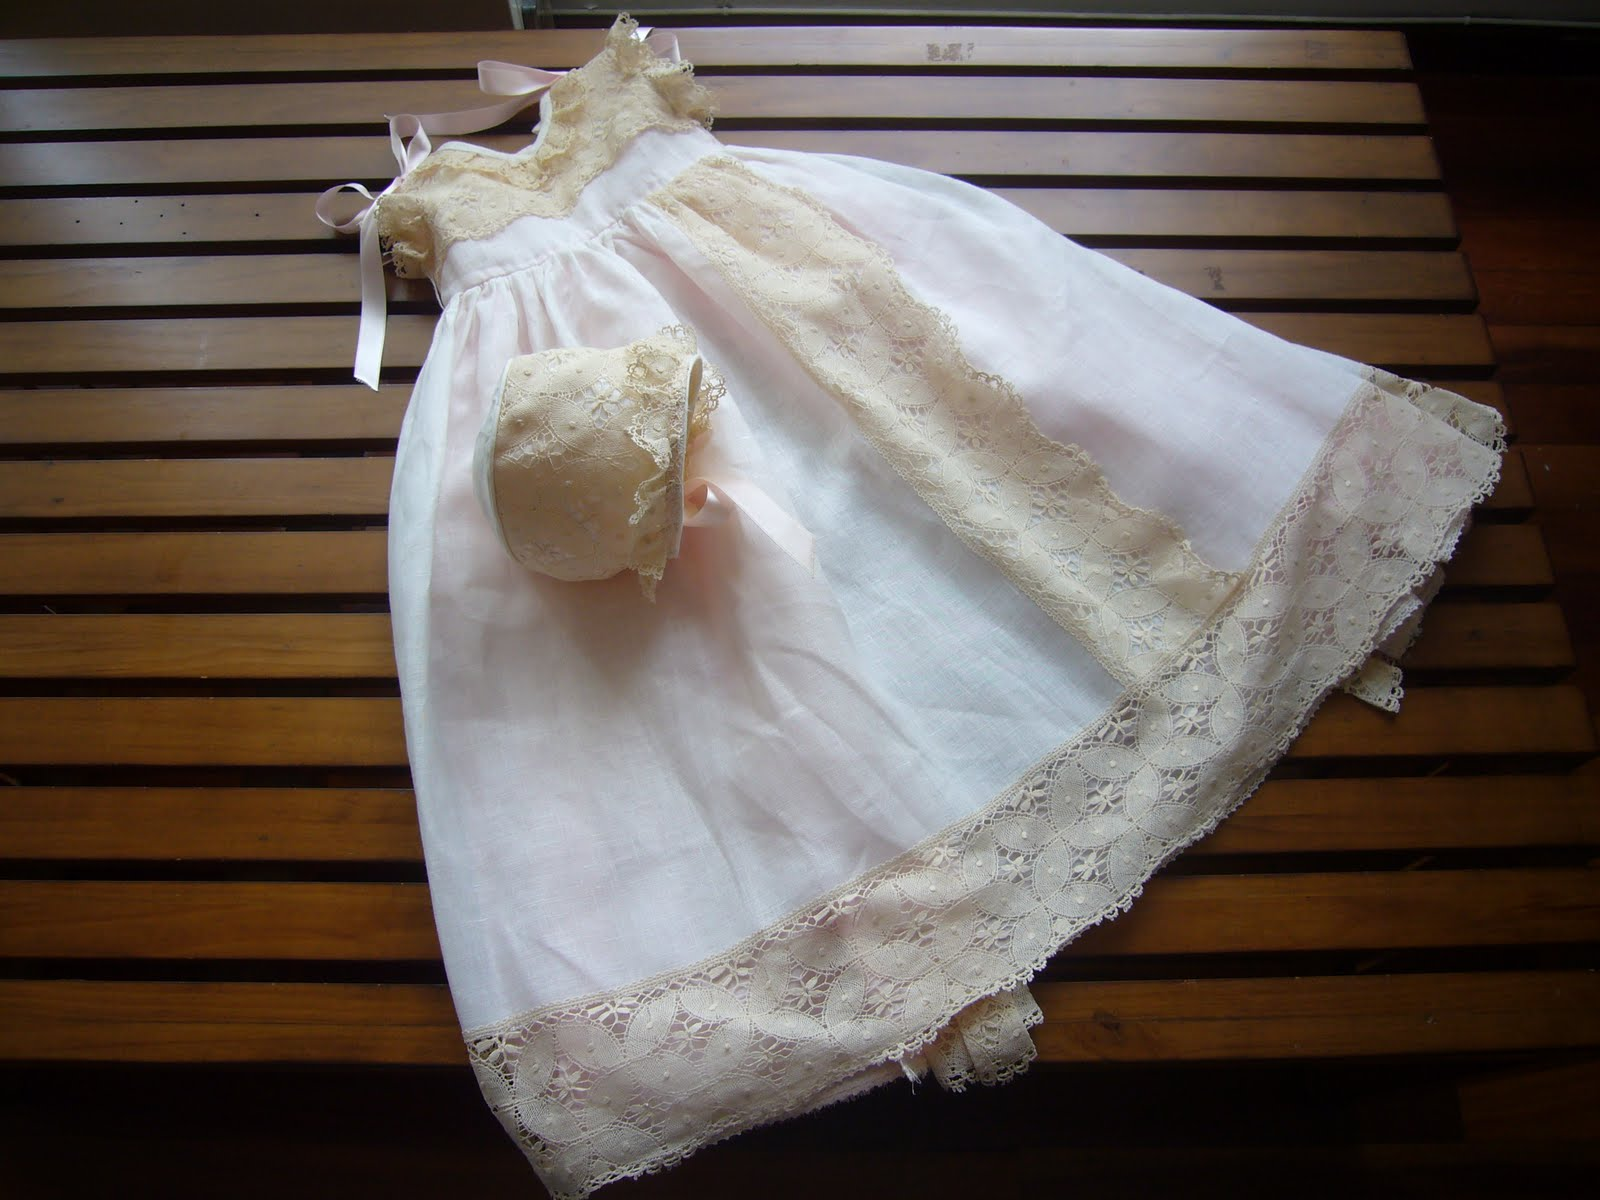 http://3.bp.blogspot.com/__Wa9OhhMJbE/S9zMYEQkG4I/AAAAAAAAAHI/H60sA7Nv4YY/s1600/P1040562.JPG